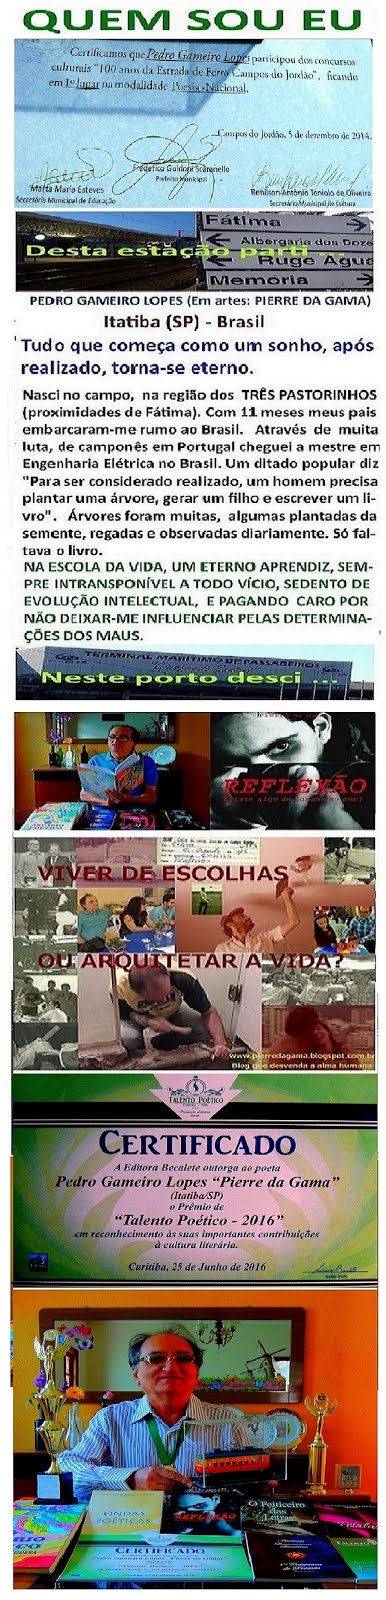 PEDRO GAMEIRO LOPES ************** EM ARTES: PIERRE DA GAMA